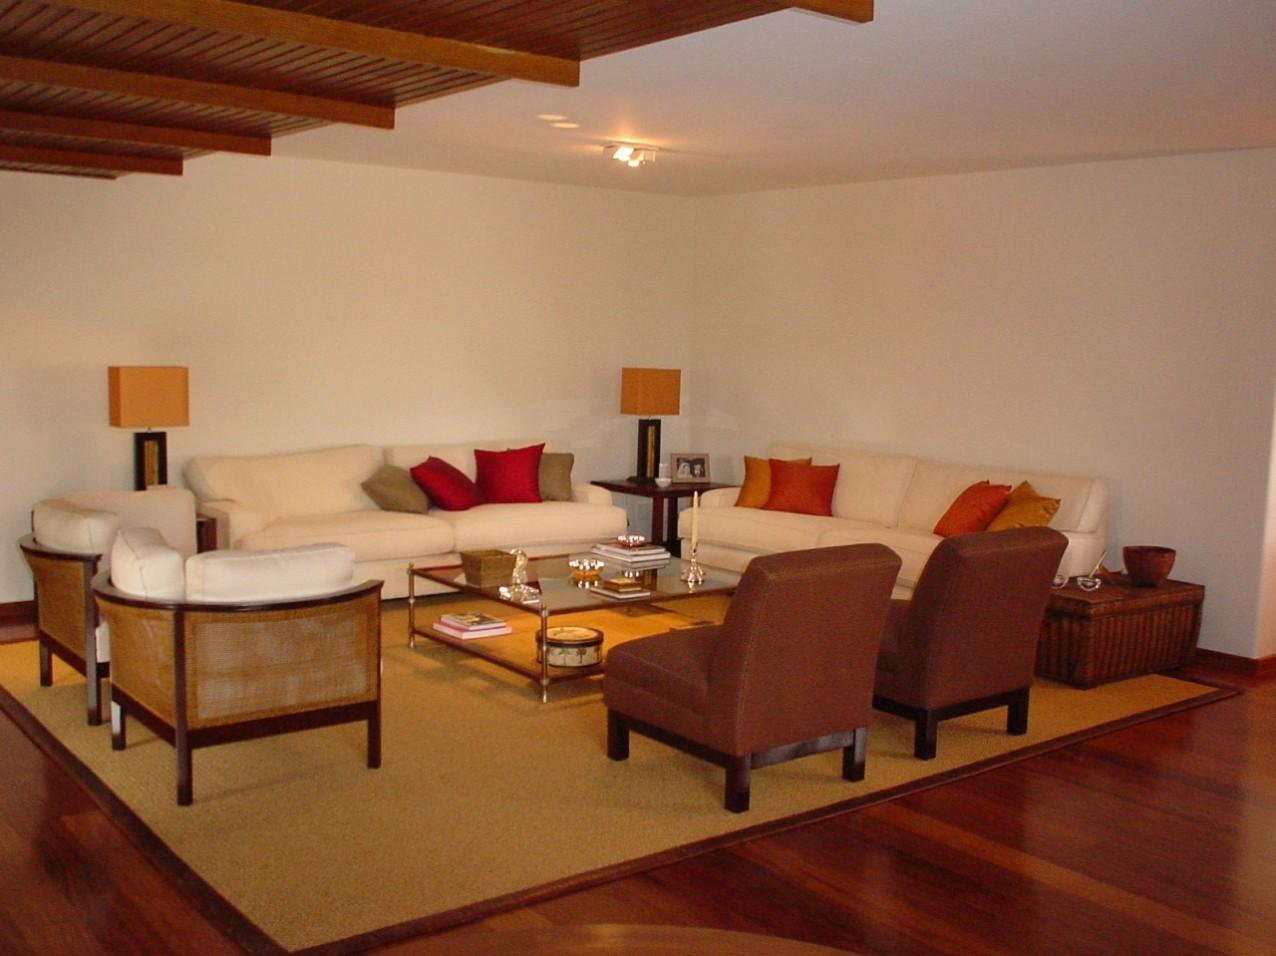 Obra residencial Pinheiros II - Sala de jantar